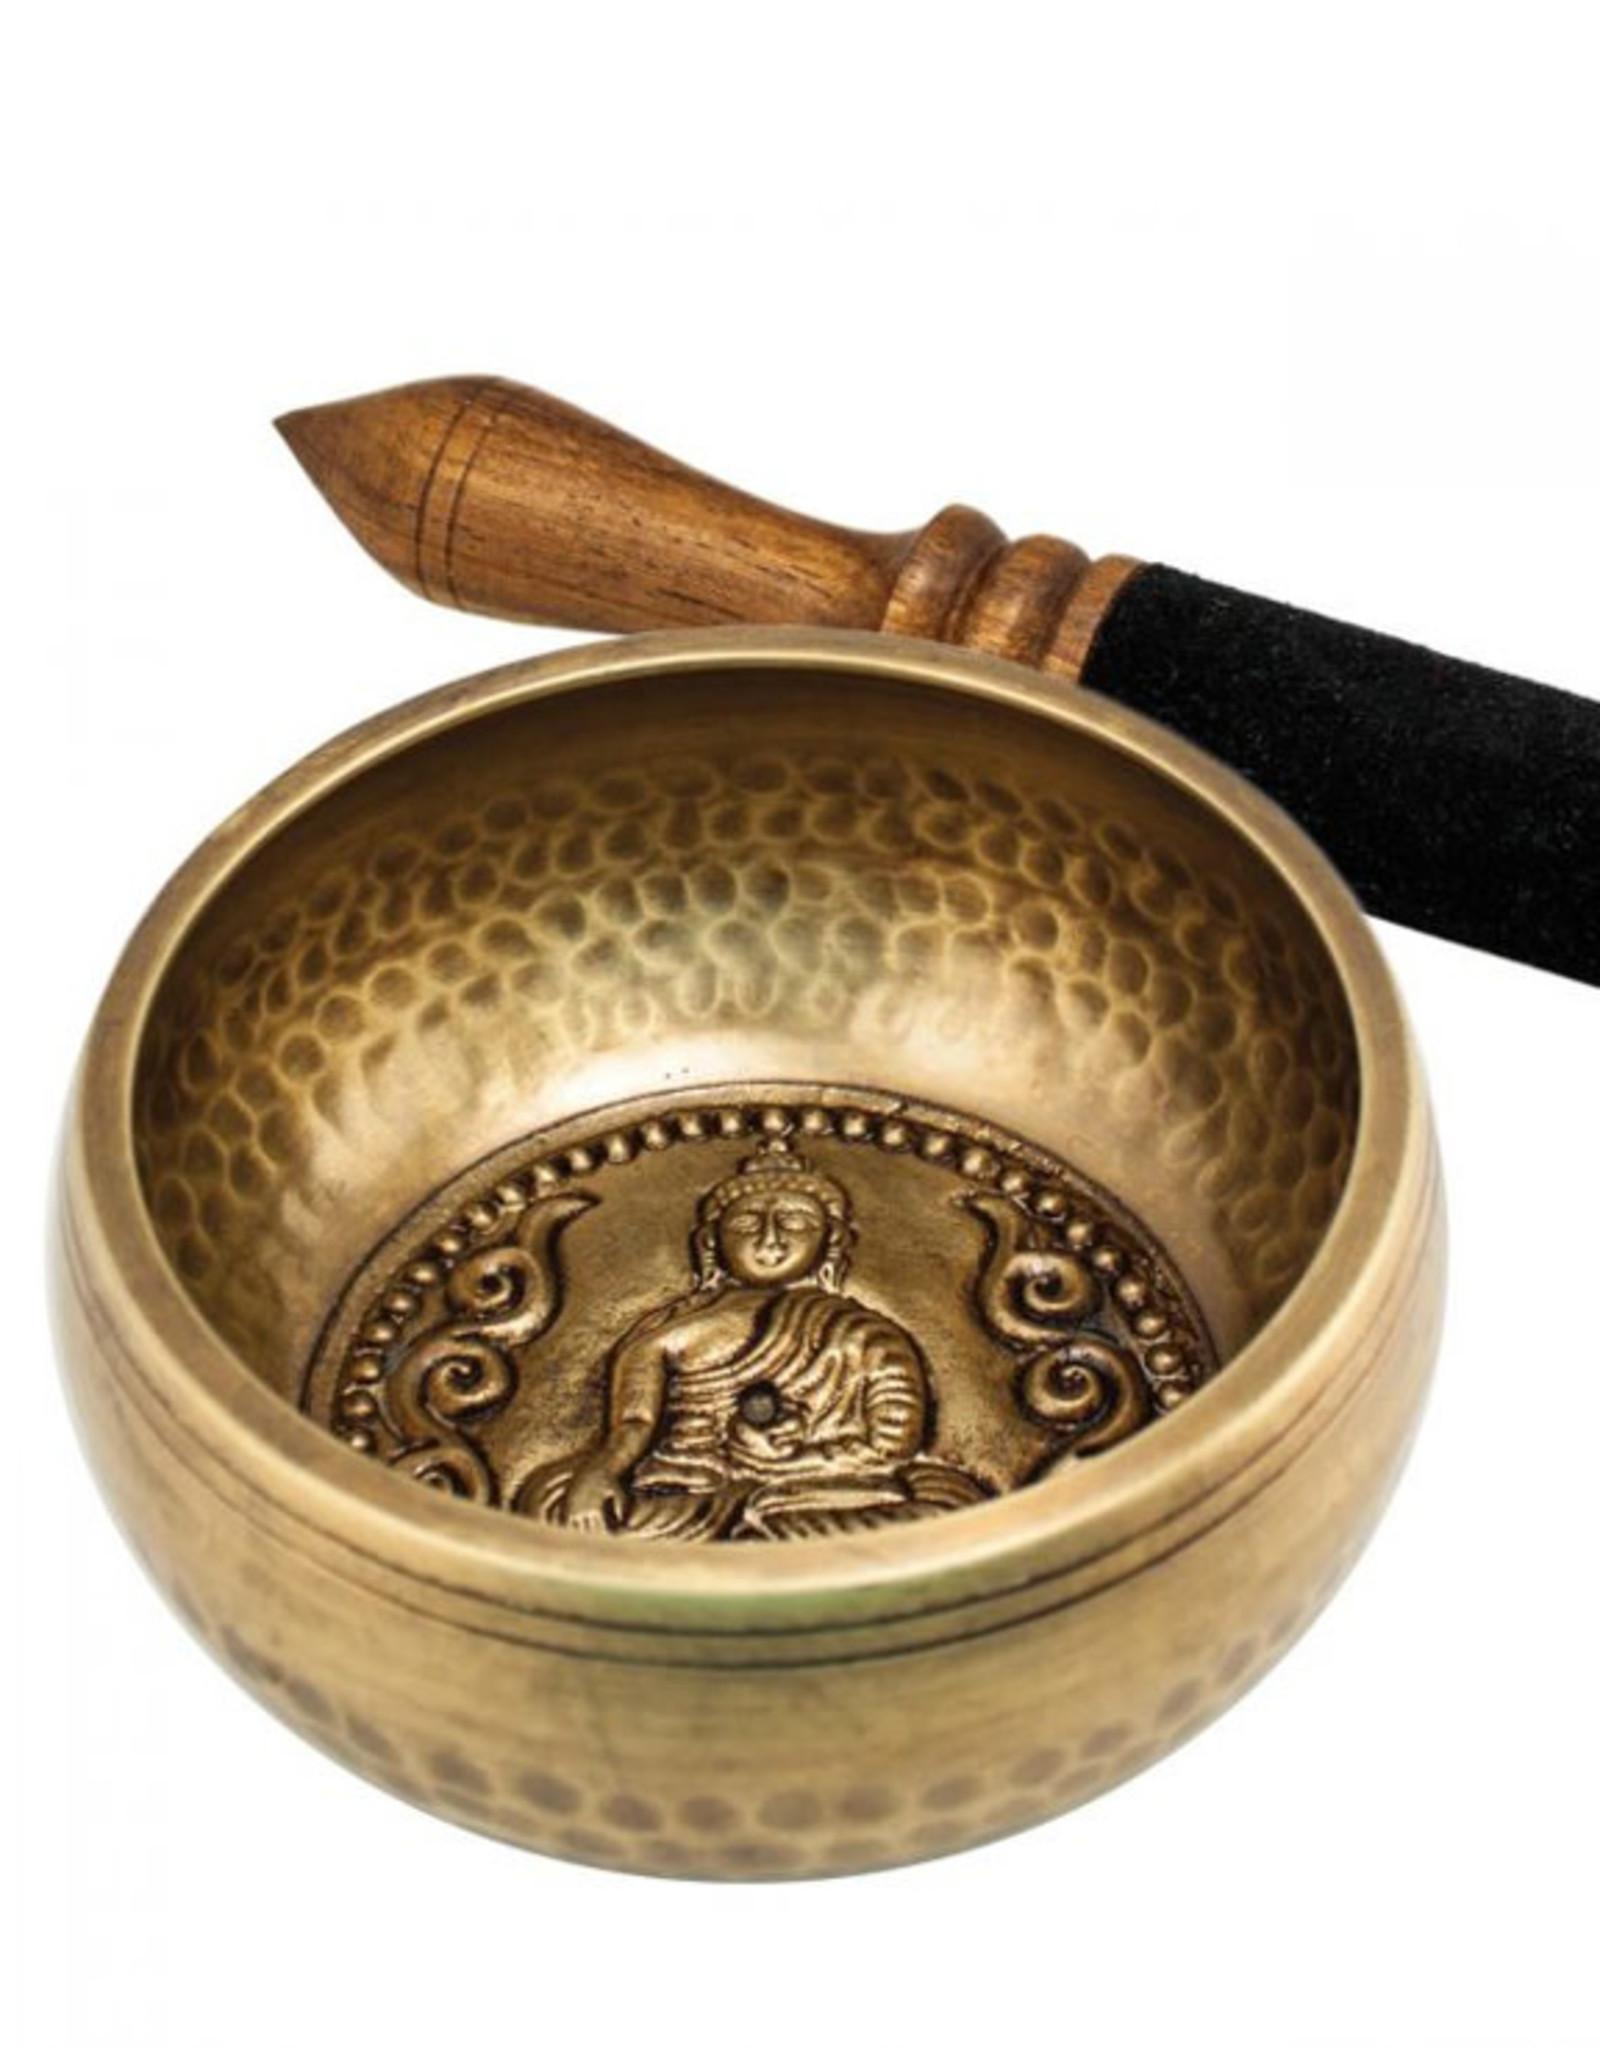 dZi Wisdom Buddha Singing Bowl